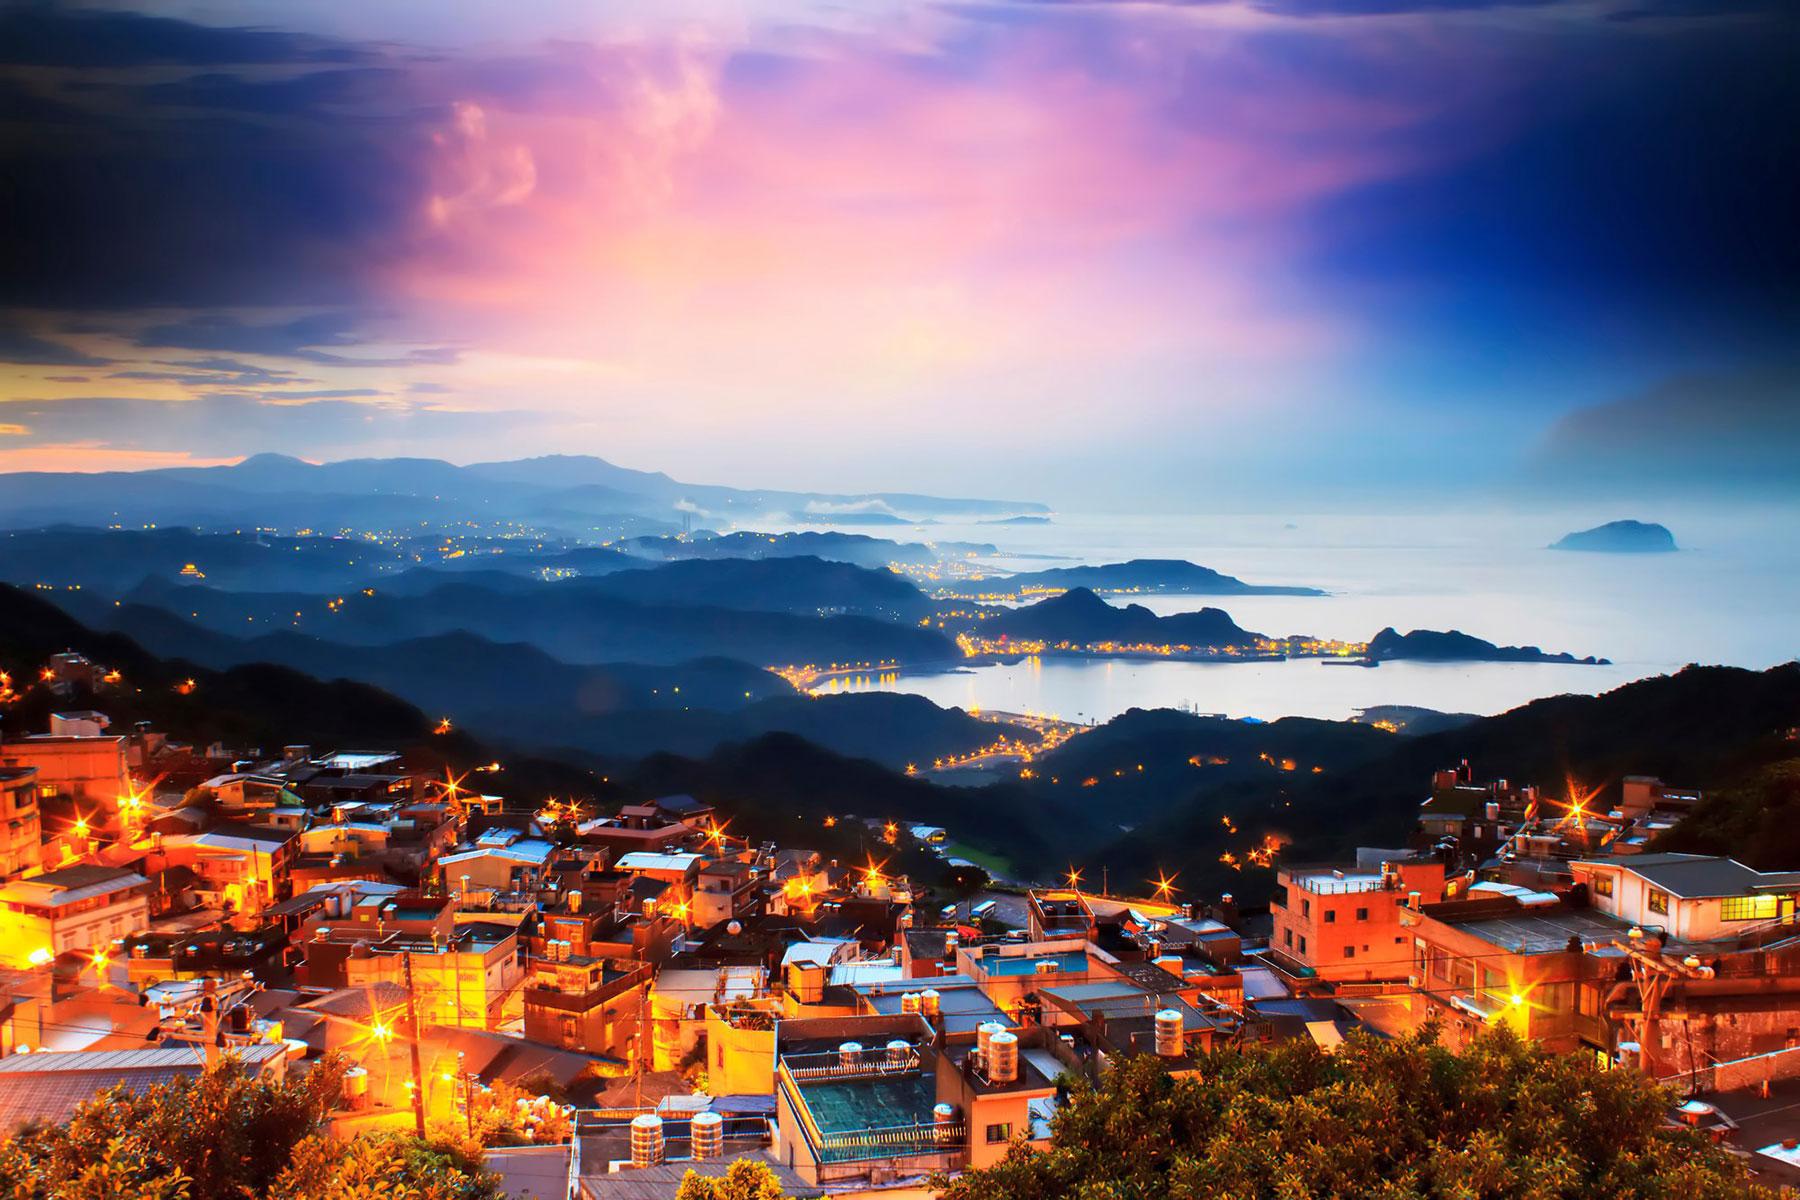 Приглашаю в путешествие на Тайвань! Азия,#авторскийтур,Тайвань,#cheesetravel,Анонс